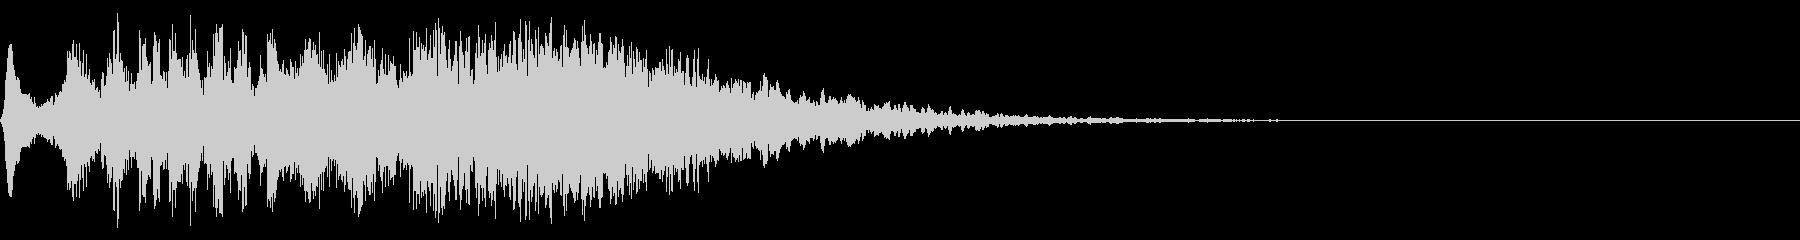 電波、光などの擬音(キランチュルルル)の未再生の波形